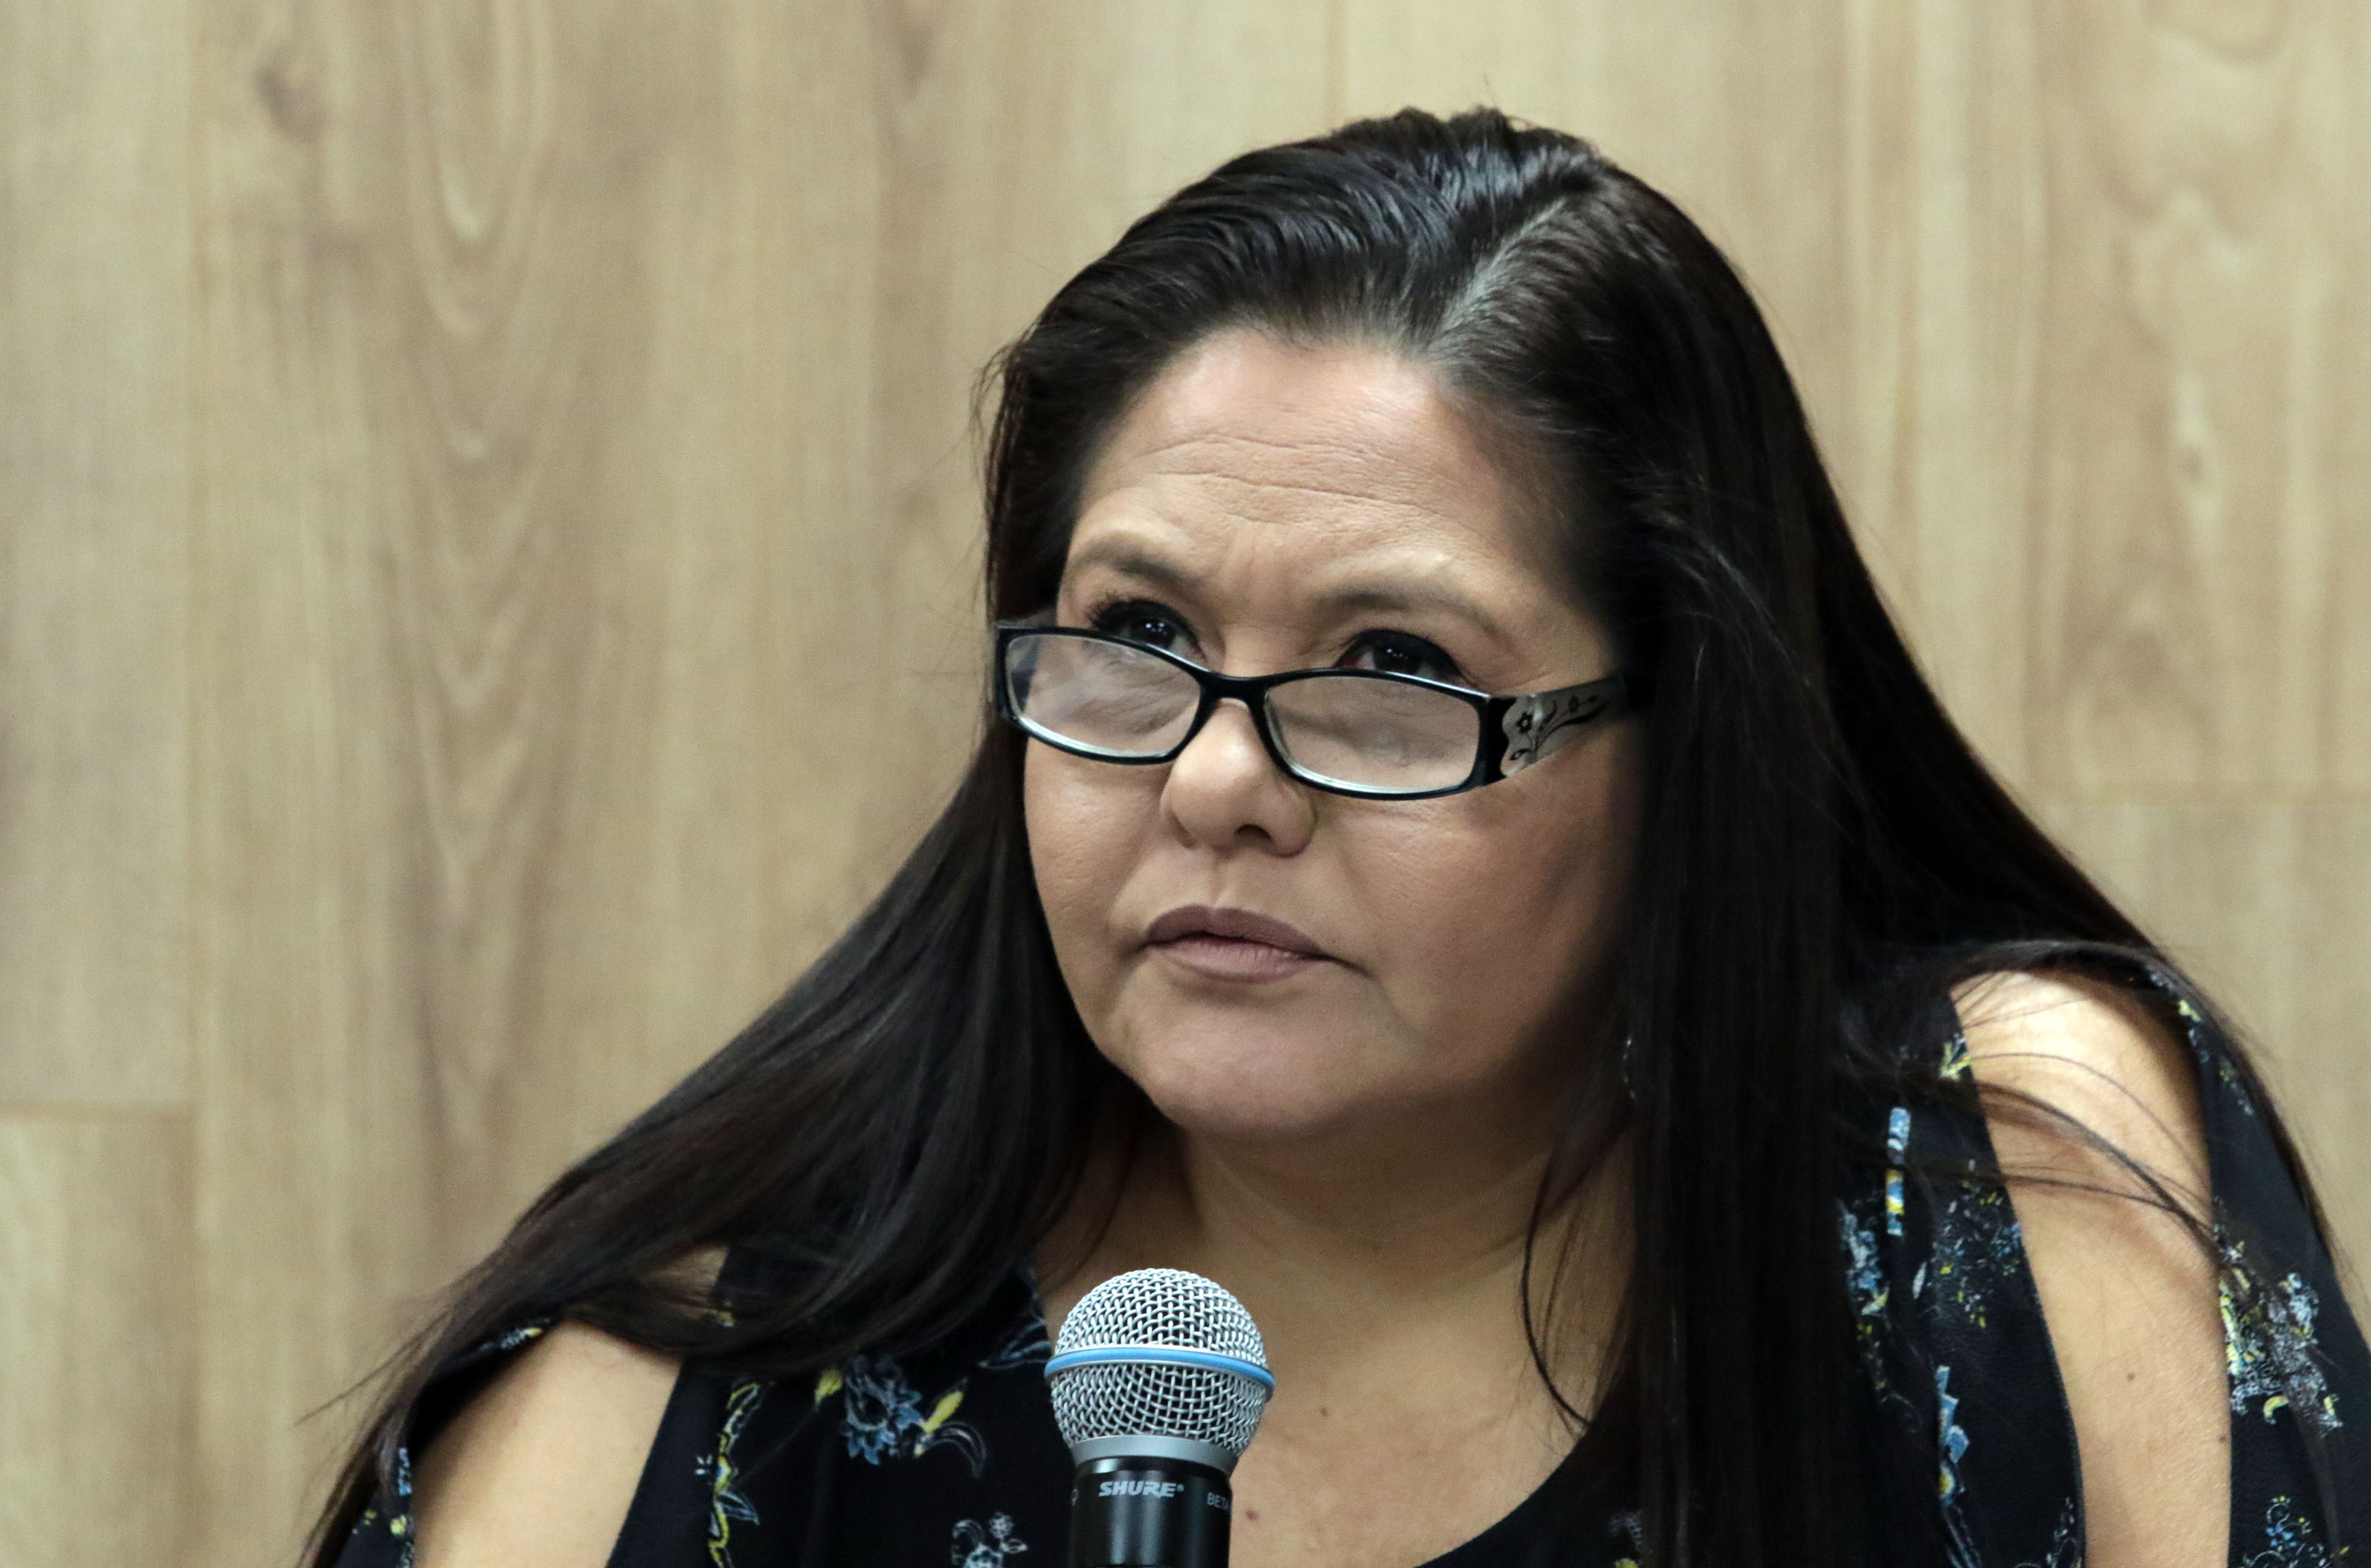 Mtra Catalina Pérez exponiendo en rueda de prensa